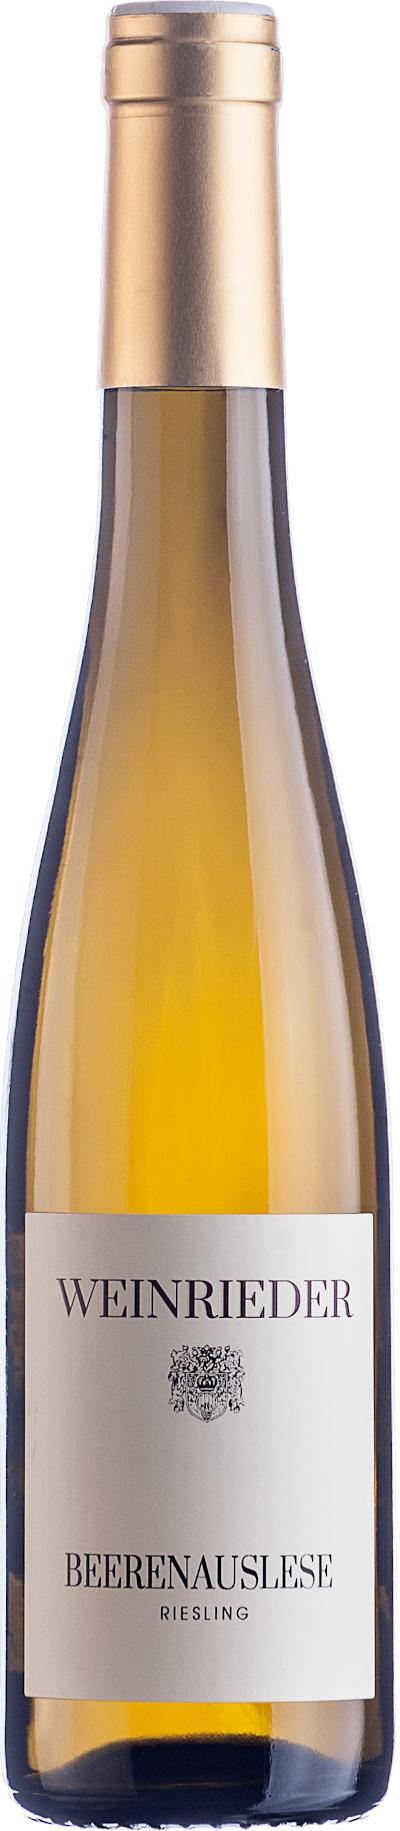 Weinrieder - Beerenauslese Riesling